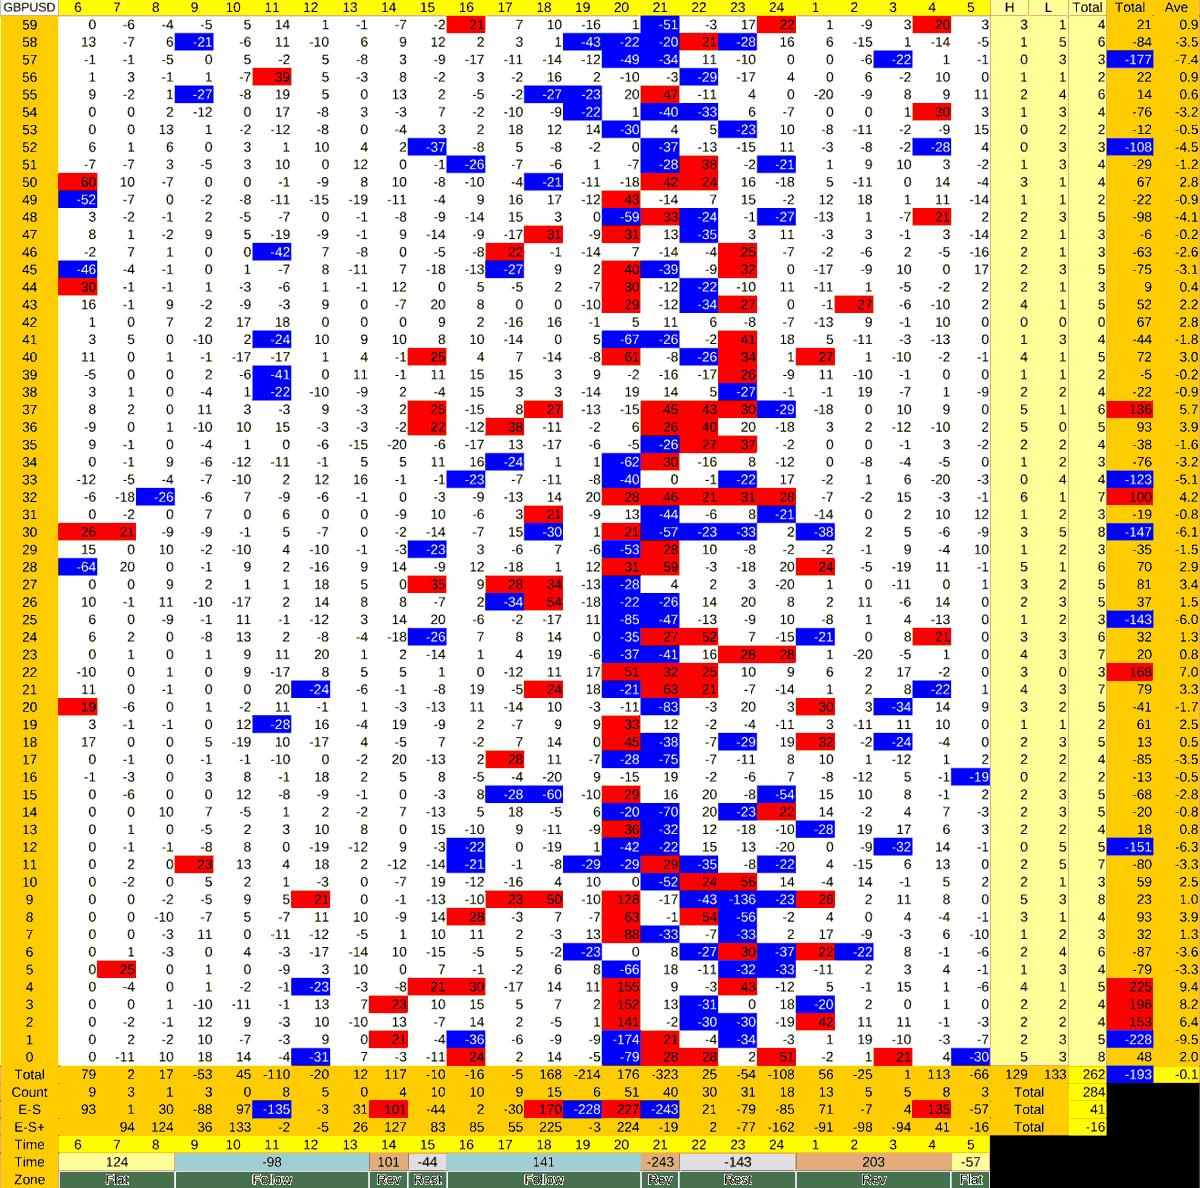 20210506_HS(2)GBPUSD